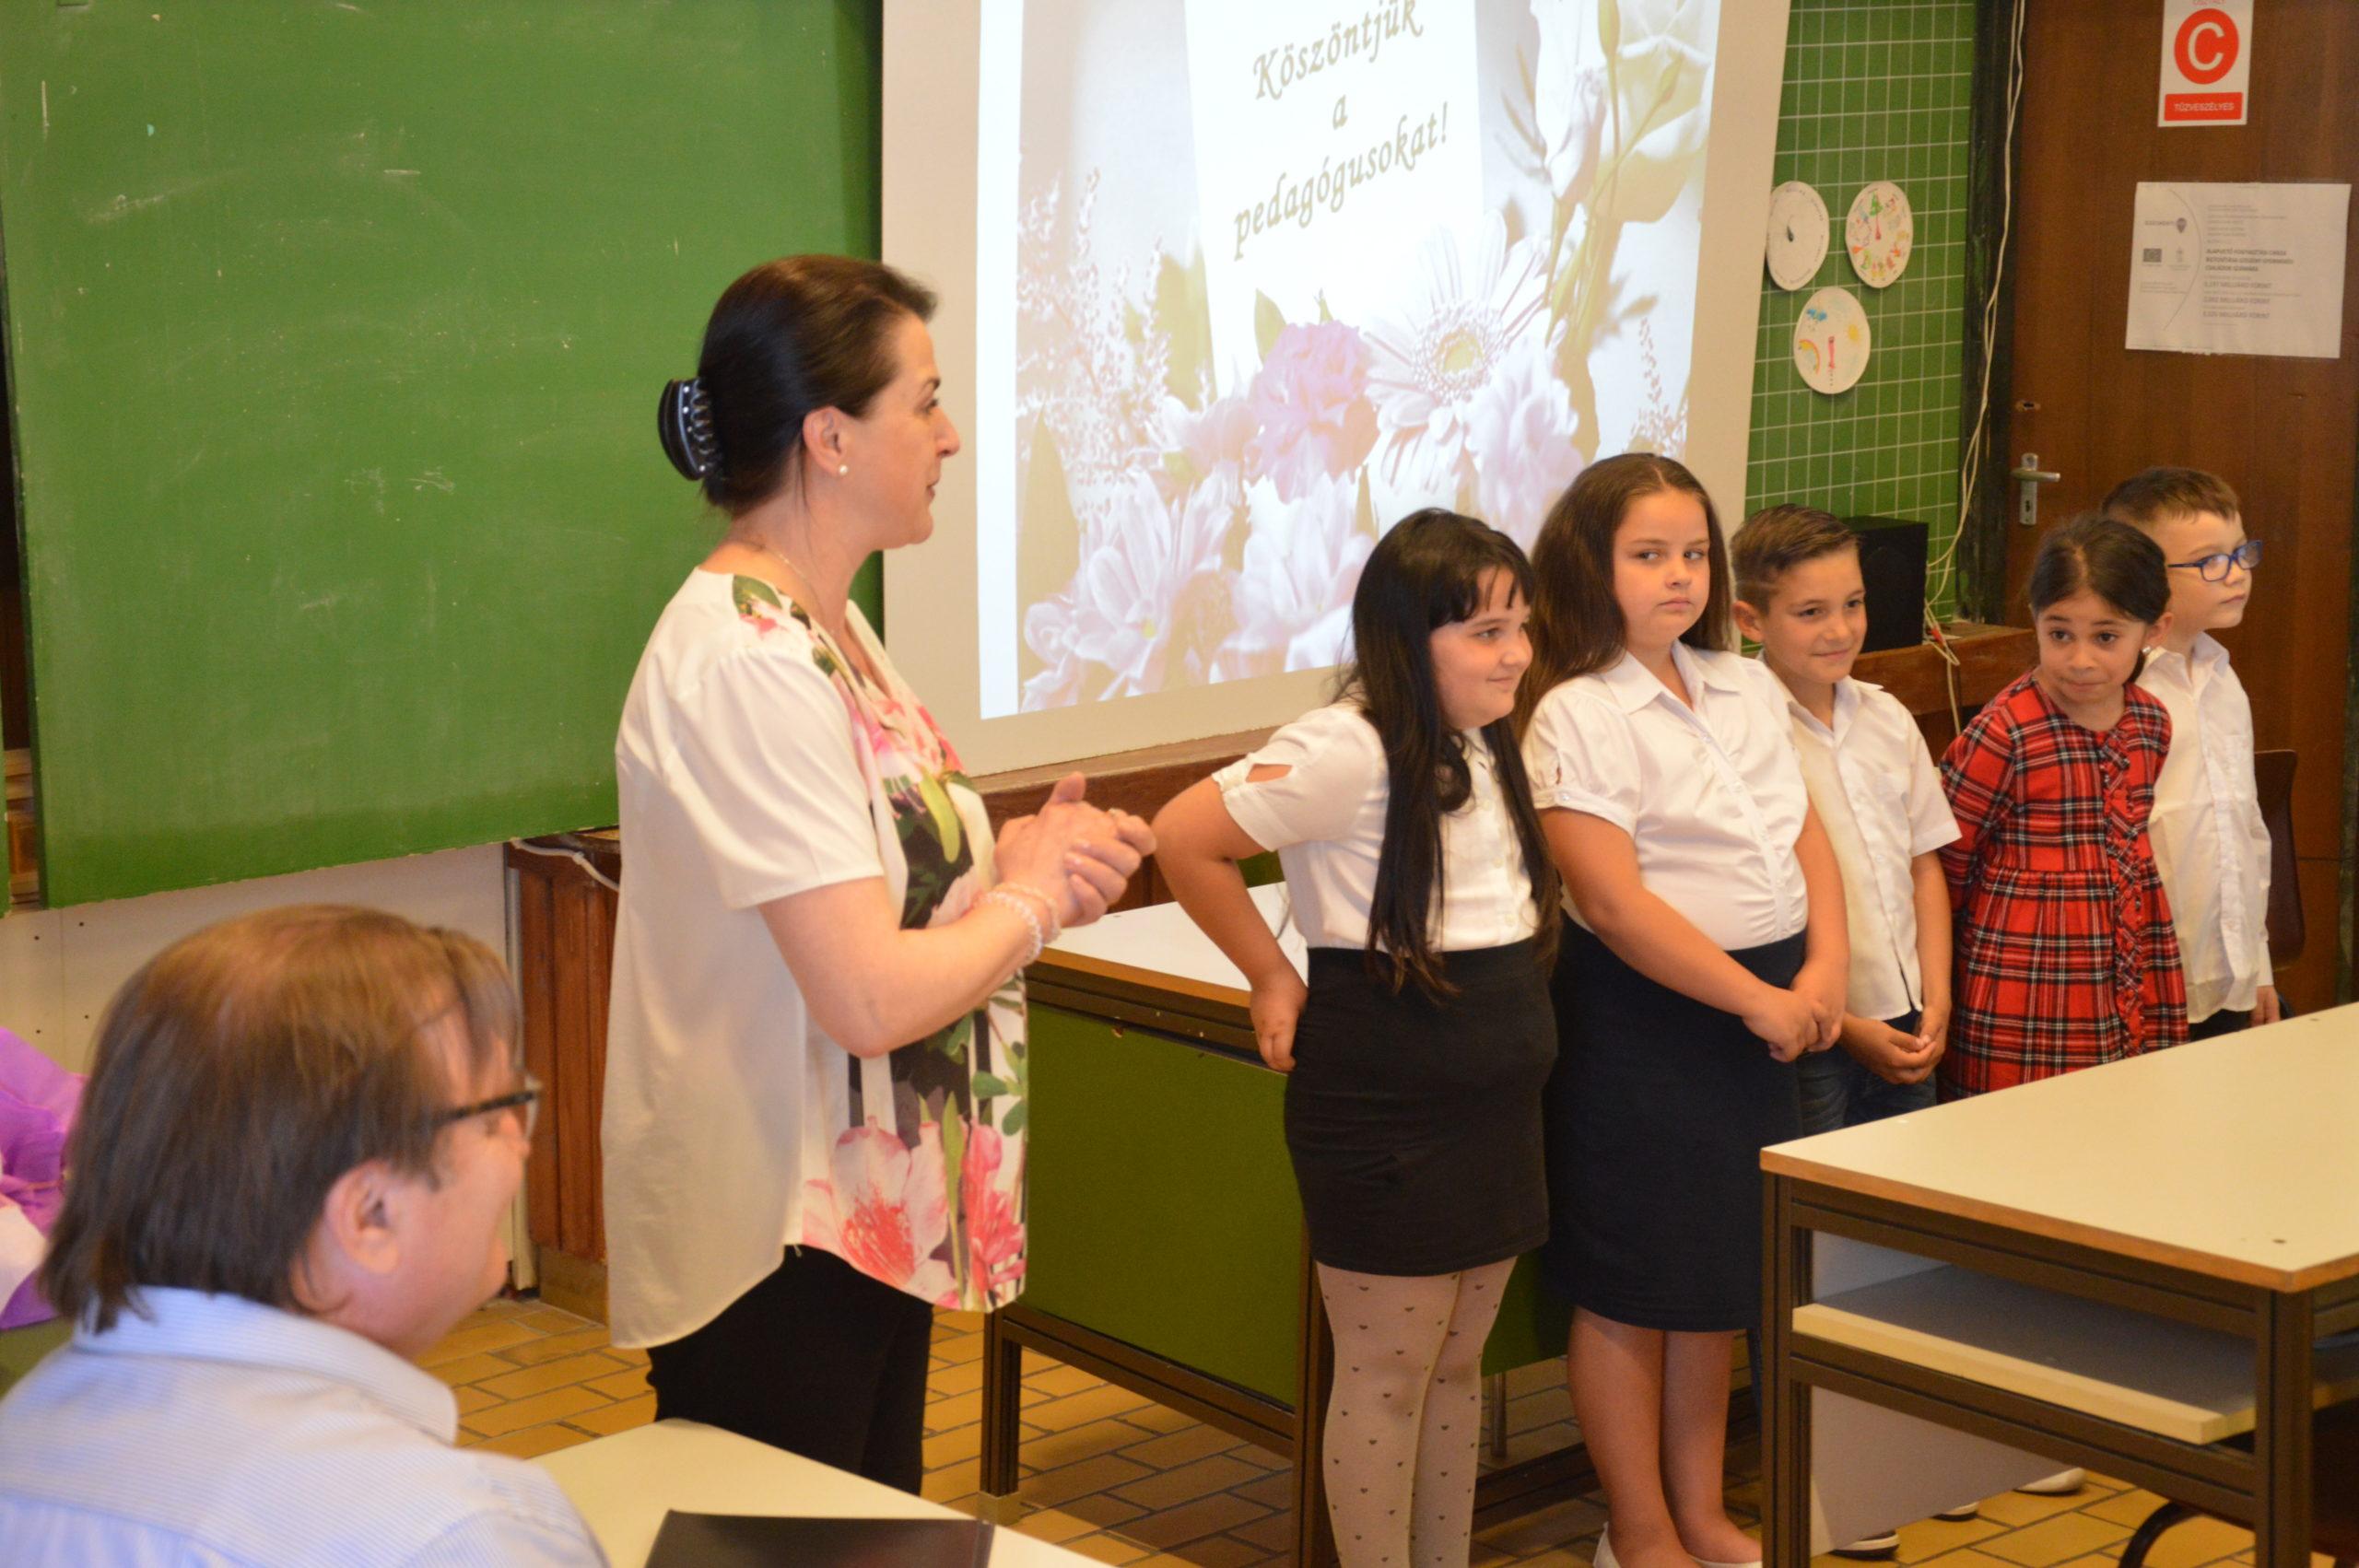 Pedagógusnap a Reményhírben 22